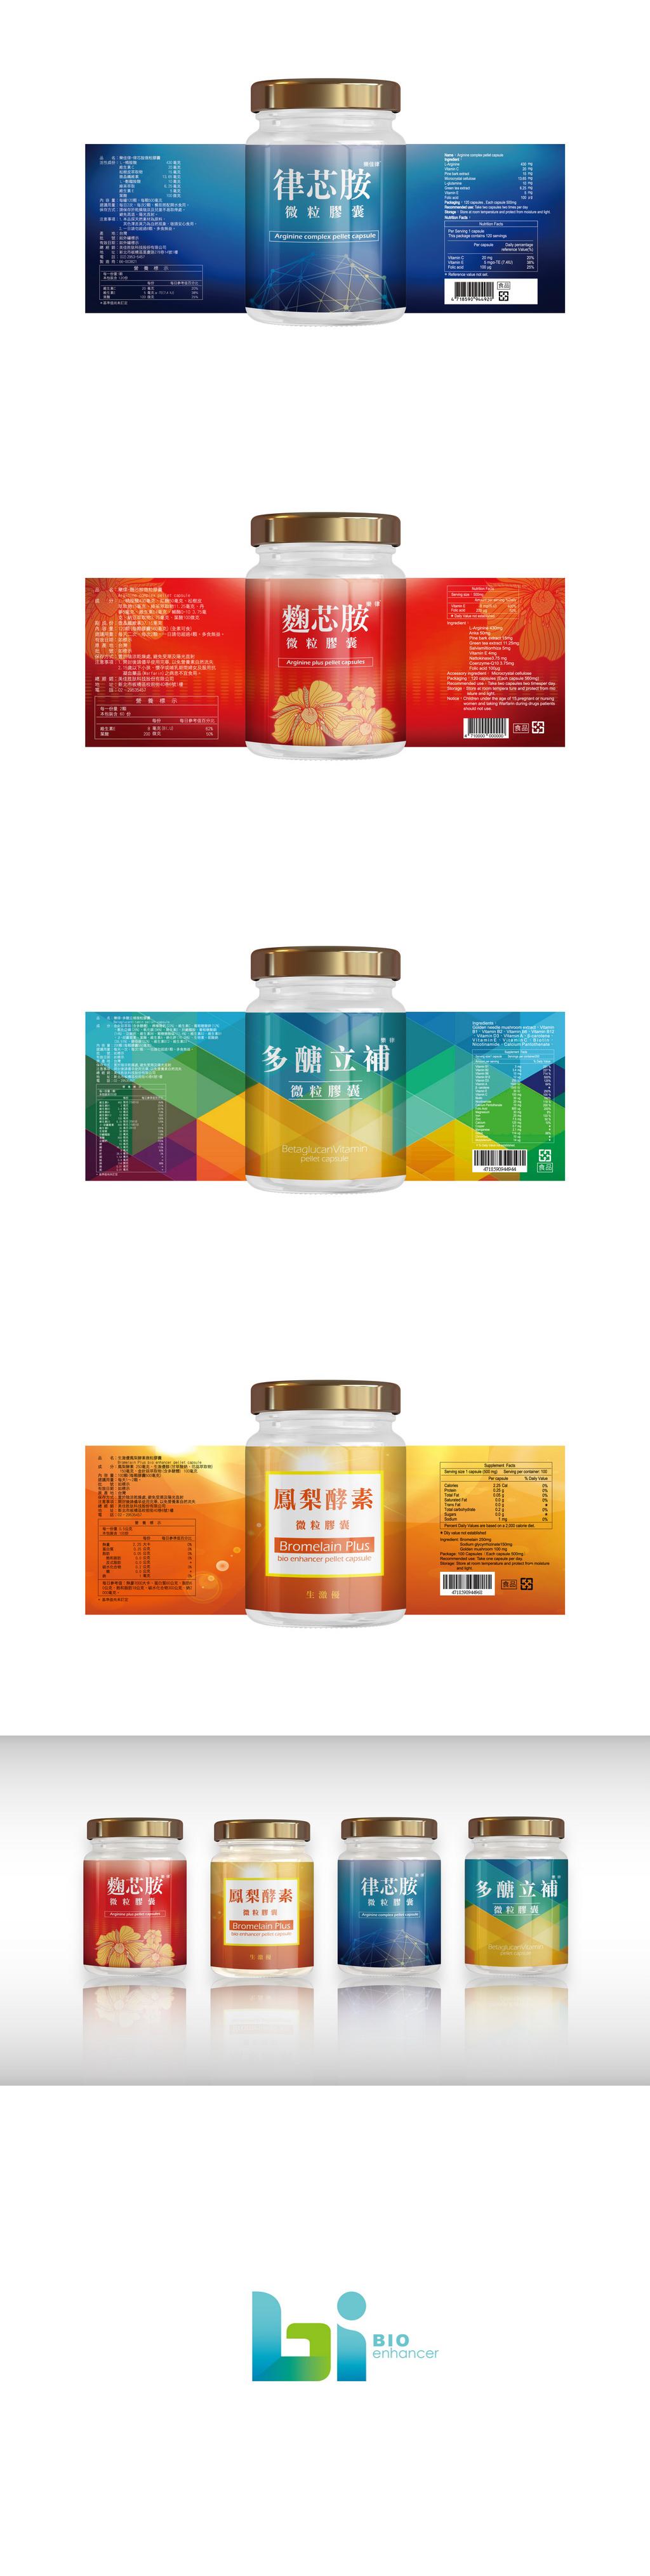 美佳胜肽科技-罐裝貼設計